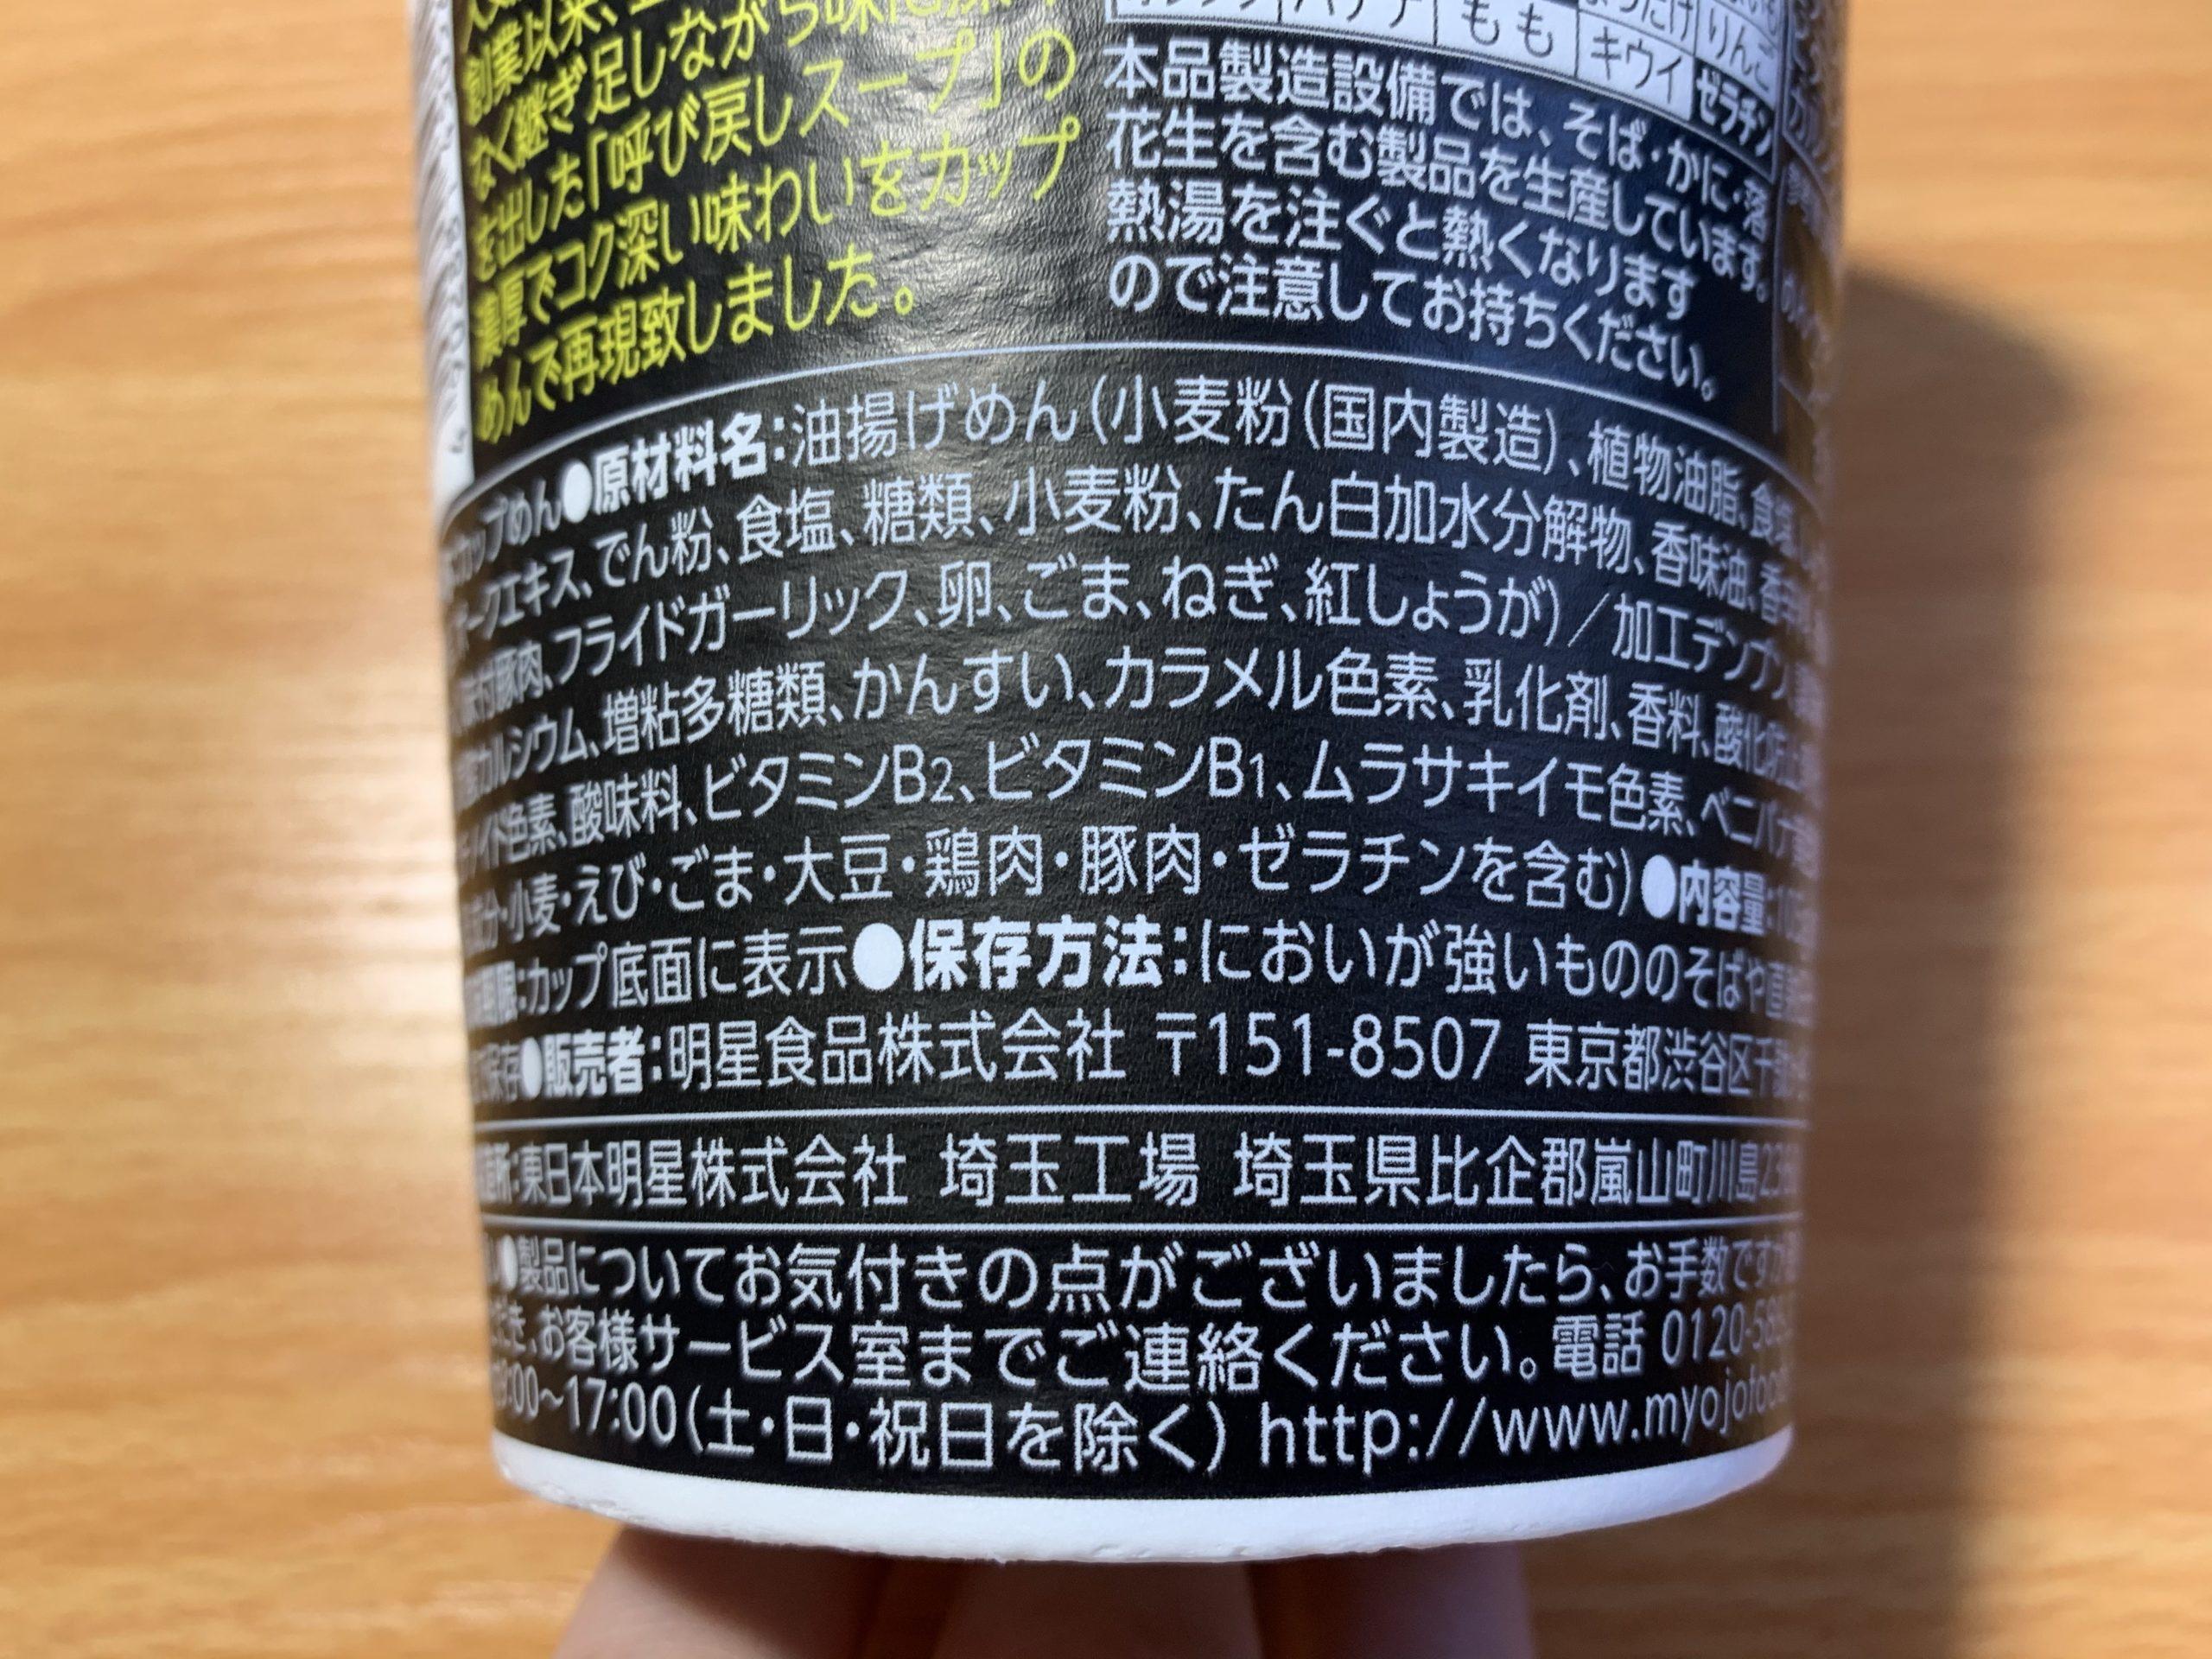 久留米大砲ラーメン黒とんこつの原材料